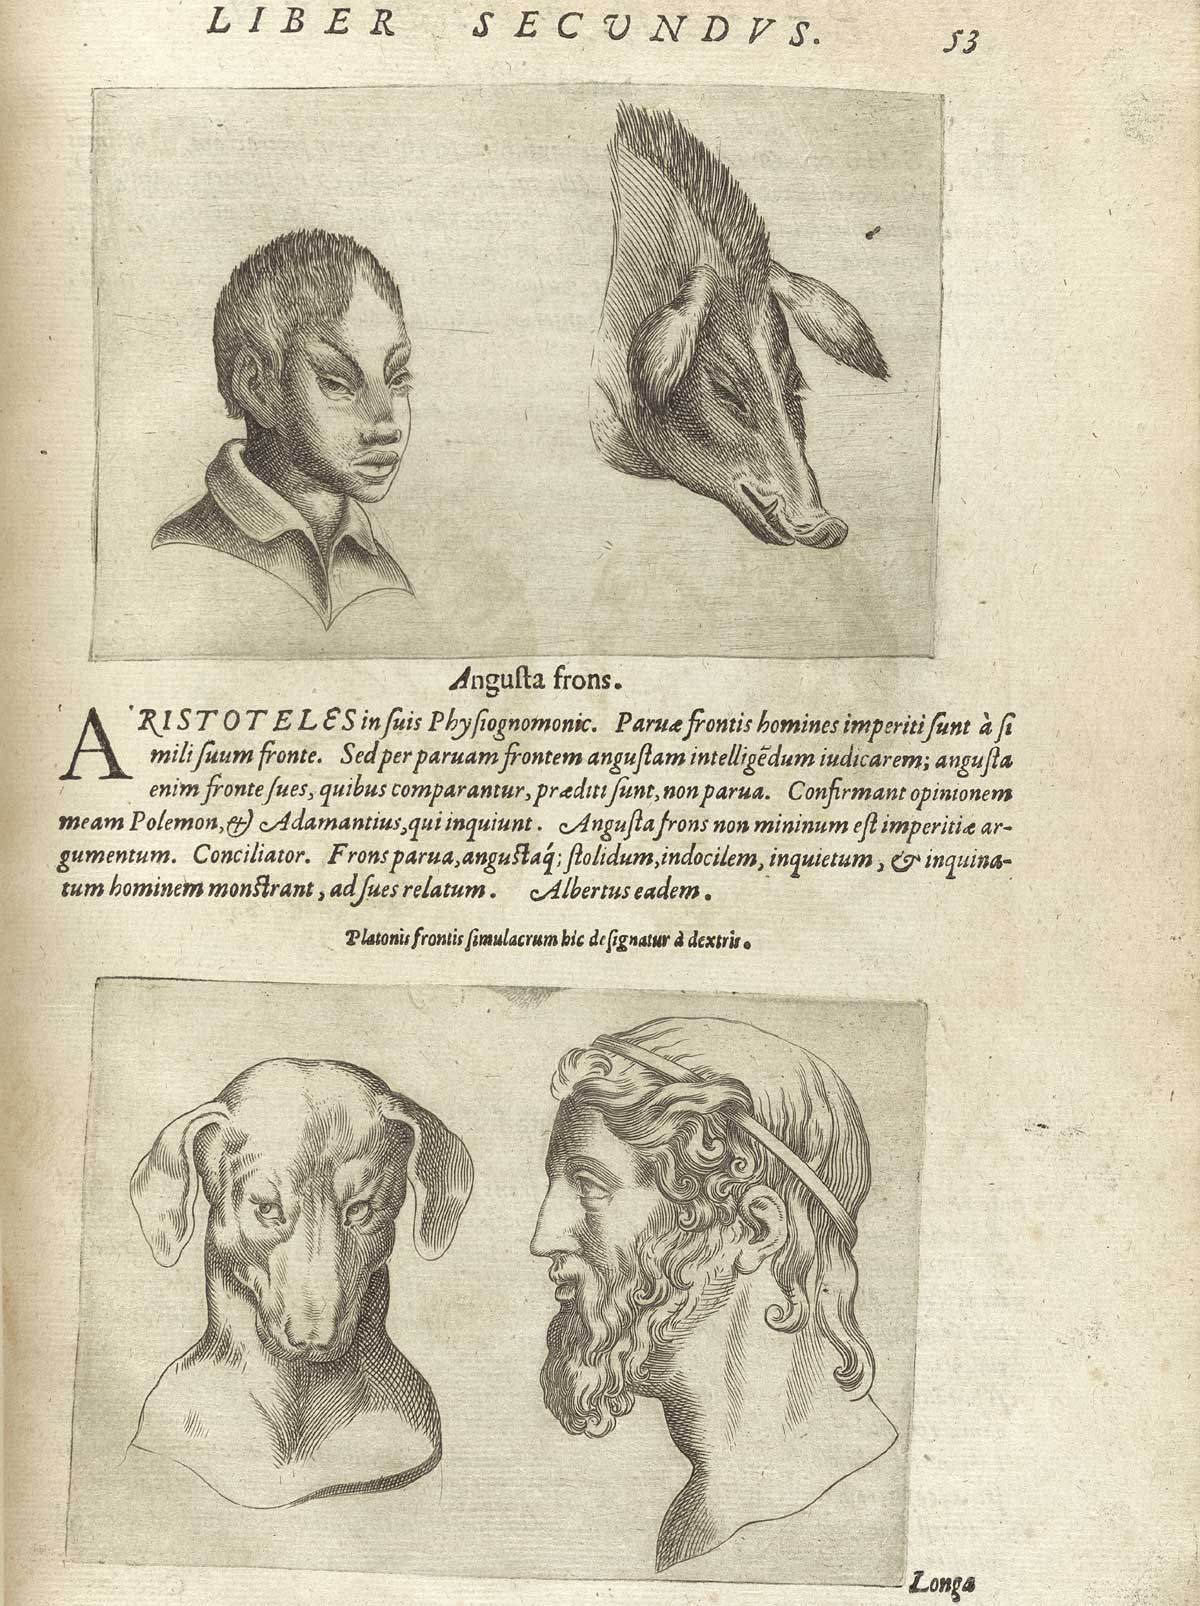 'De humana physiognomia' - Giambattista della Porta